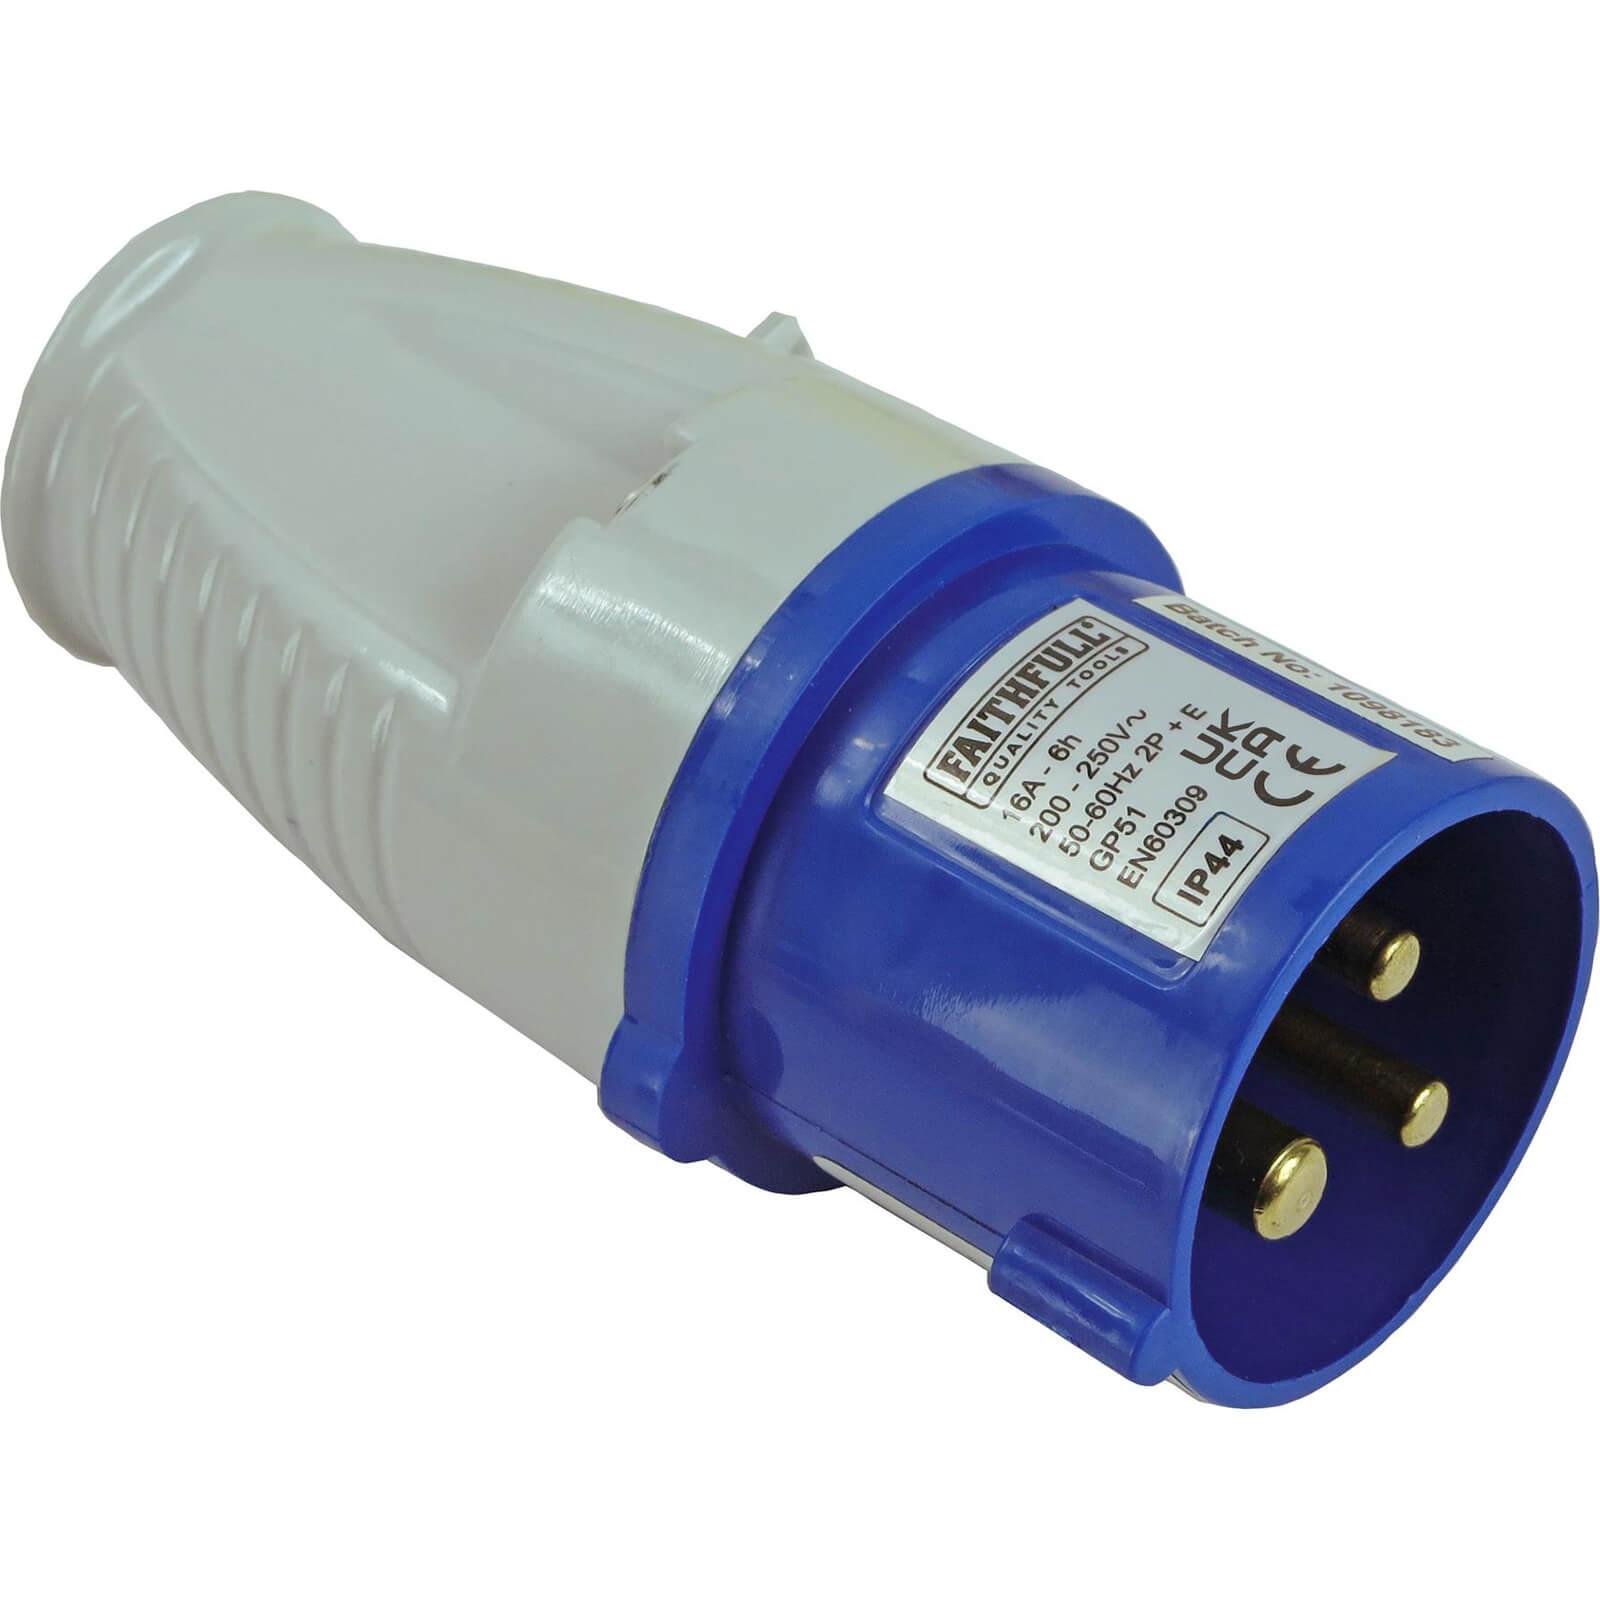 Faithfull 240V 16 amp Waterproof Plug